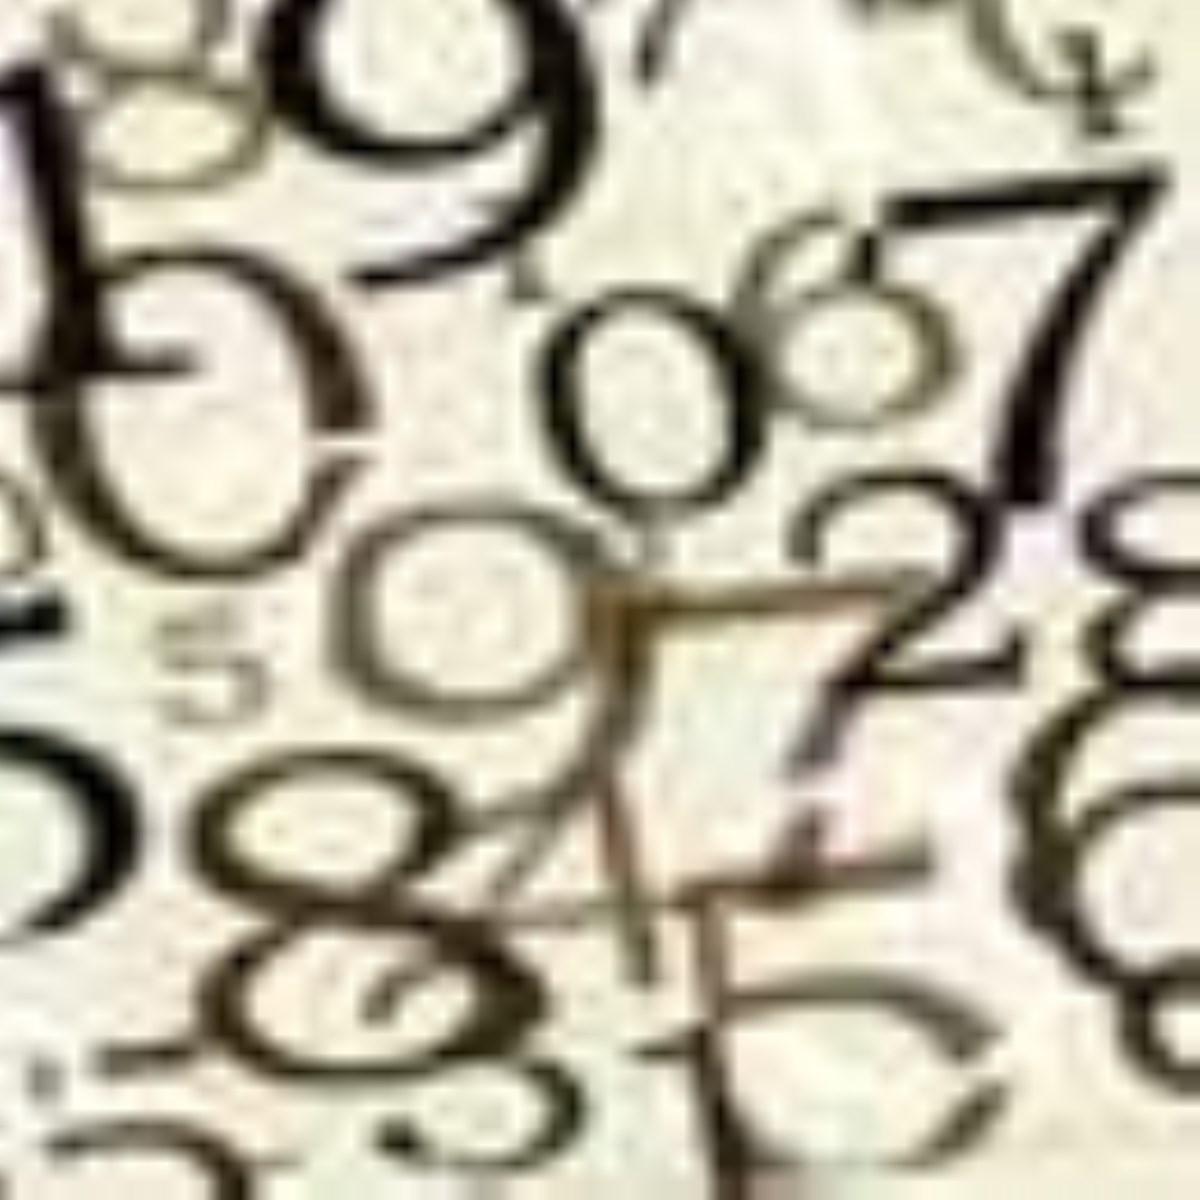 طریقه گرد کردن اعداد